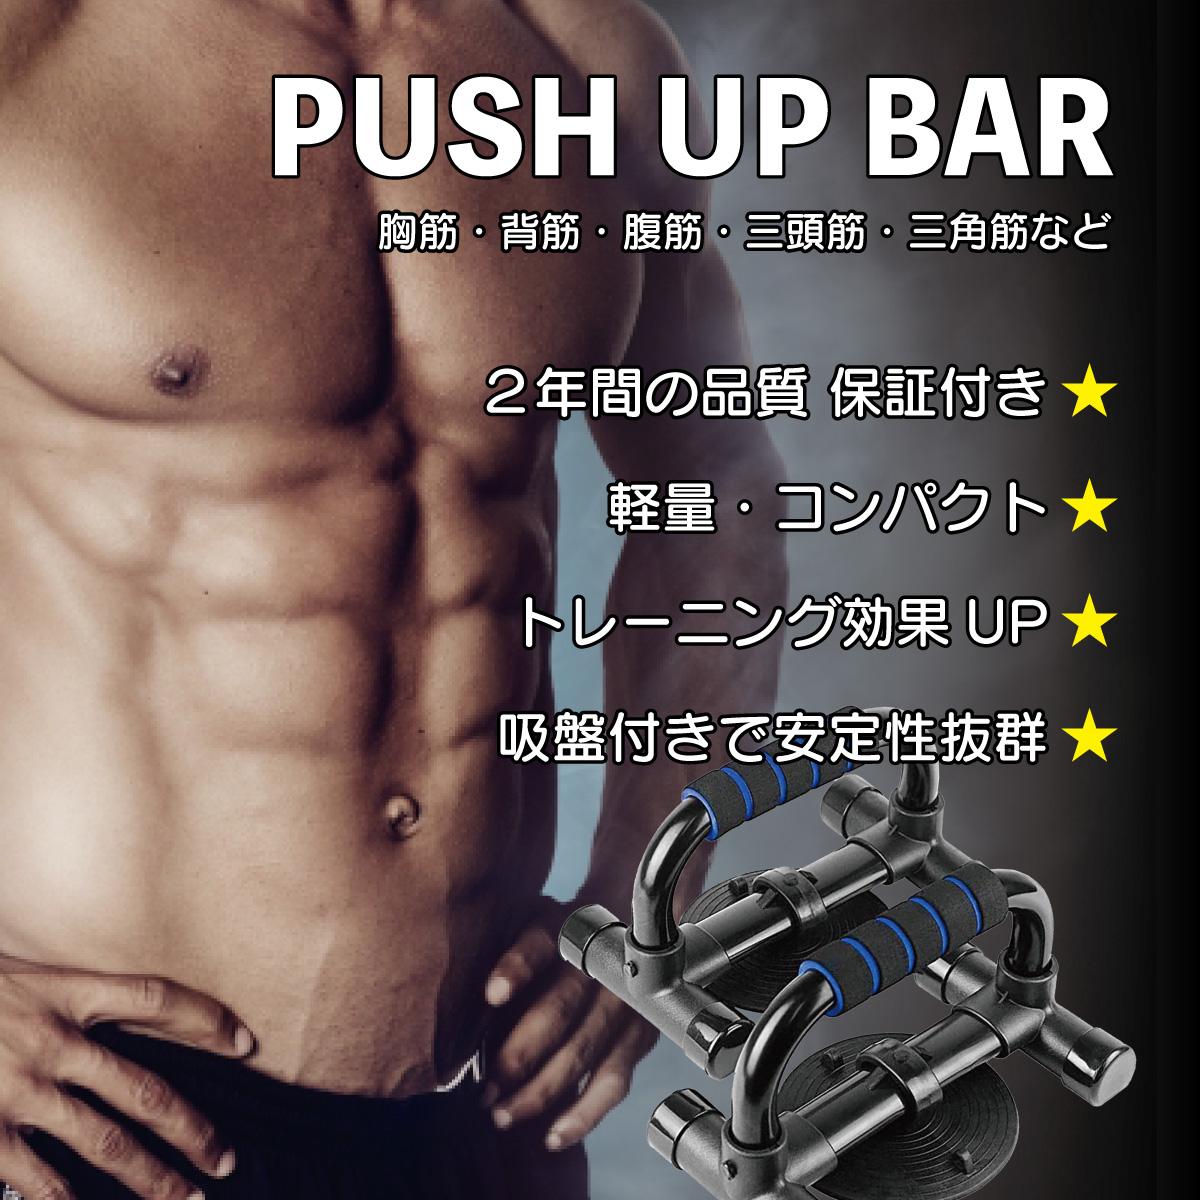 PUSH UP BAR - BLUE